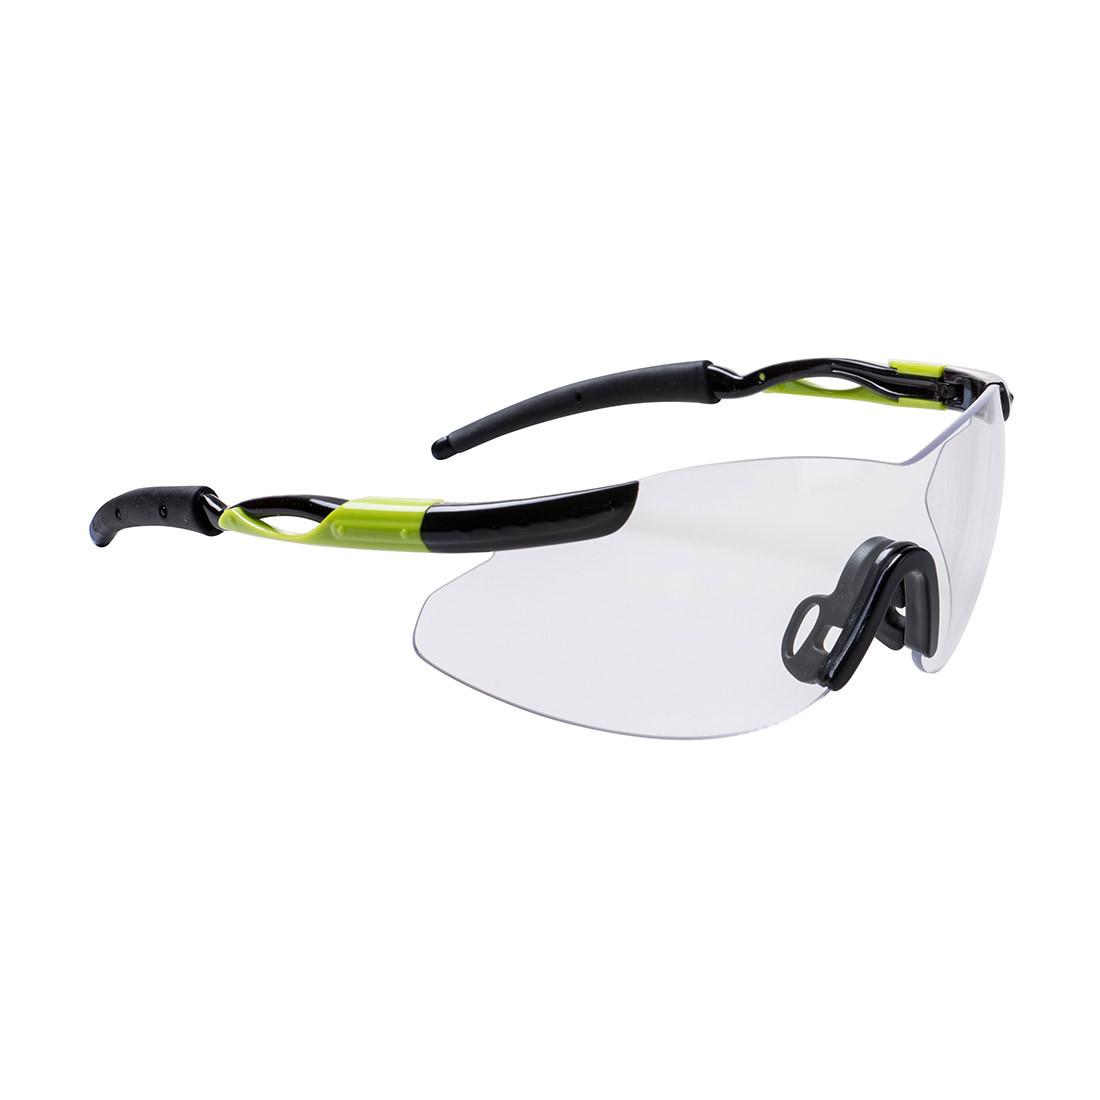 Ochelari Saint Louis - Echipamente de protectie personala